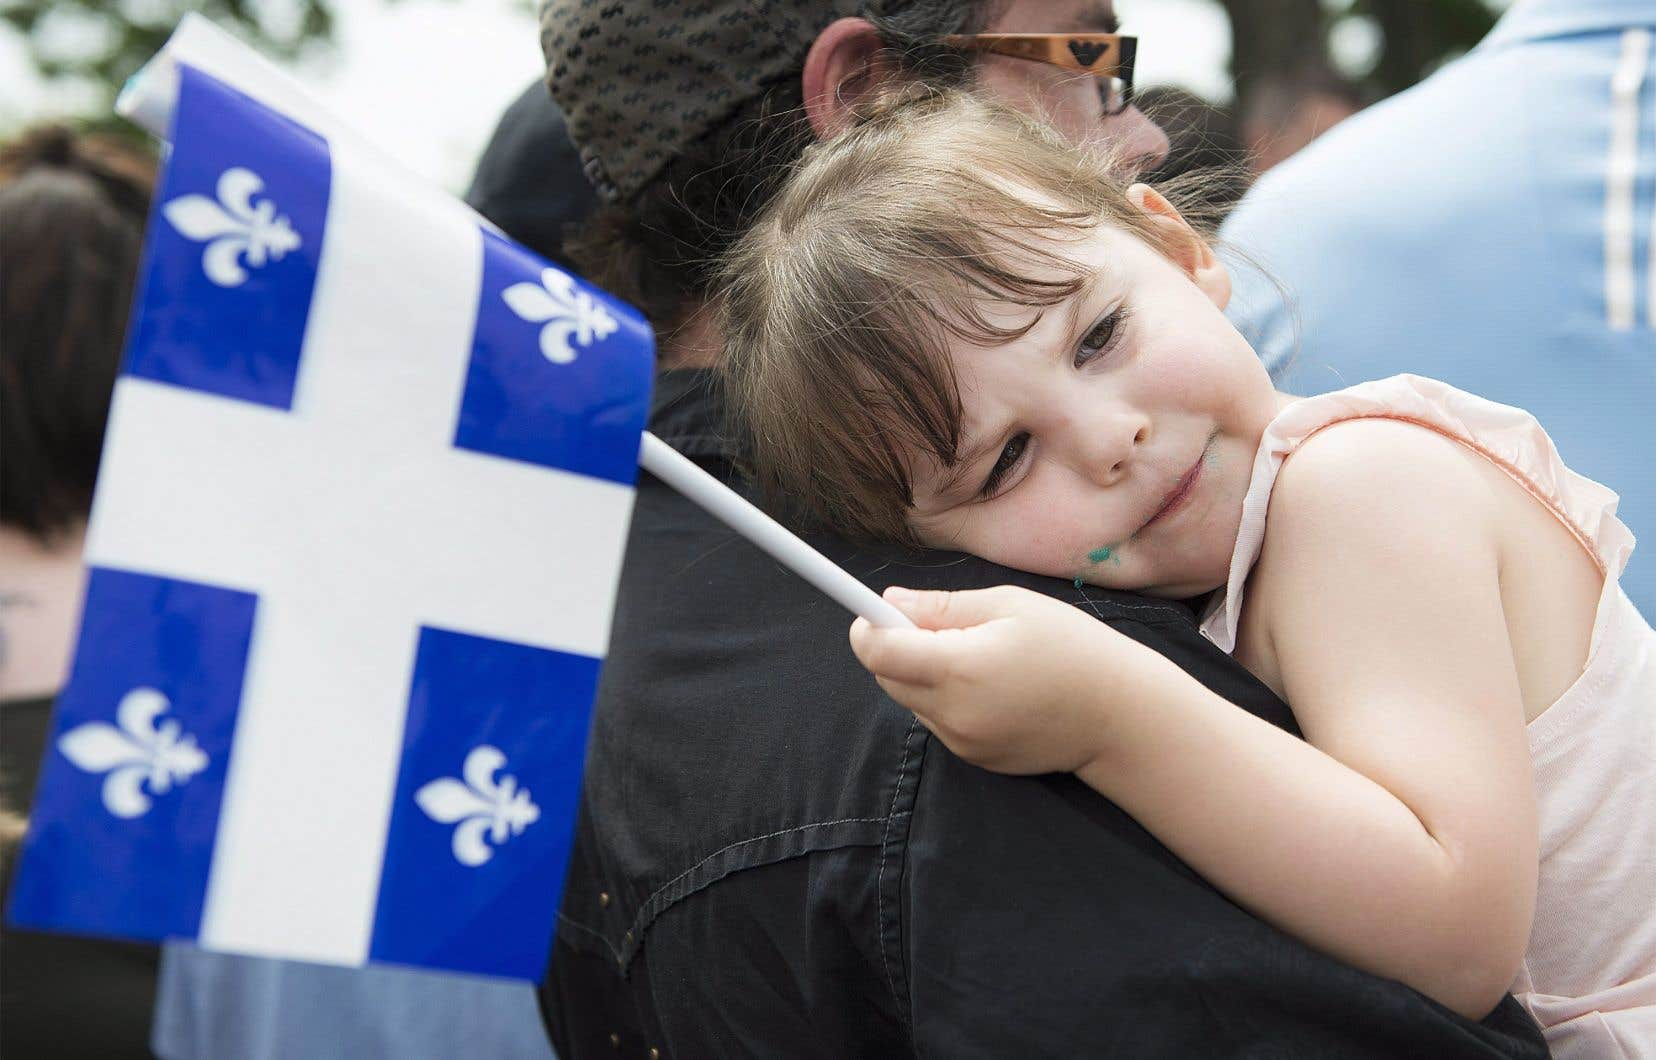 Plusieurs cérémonies de lever du drapeau ont eu lieu dimanche et ont permis de souligner les 70ans du fleurdelisé.